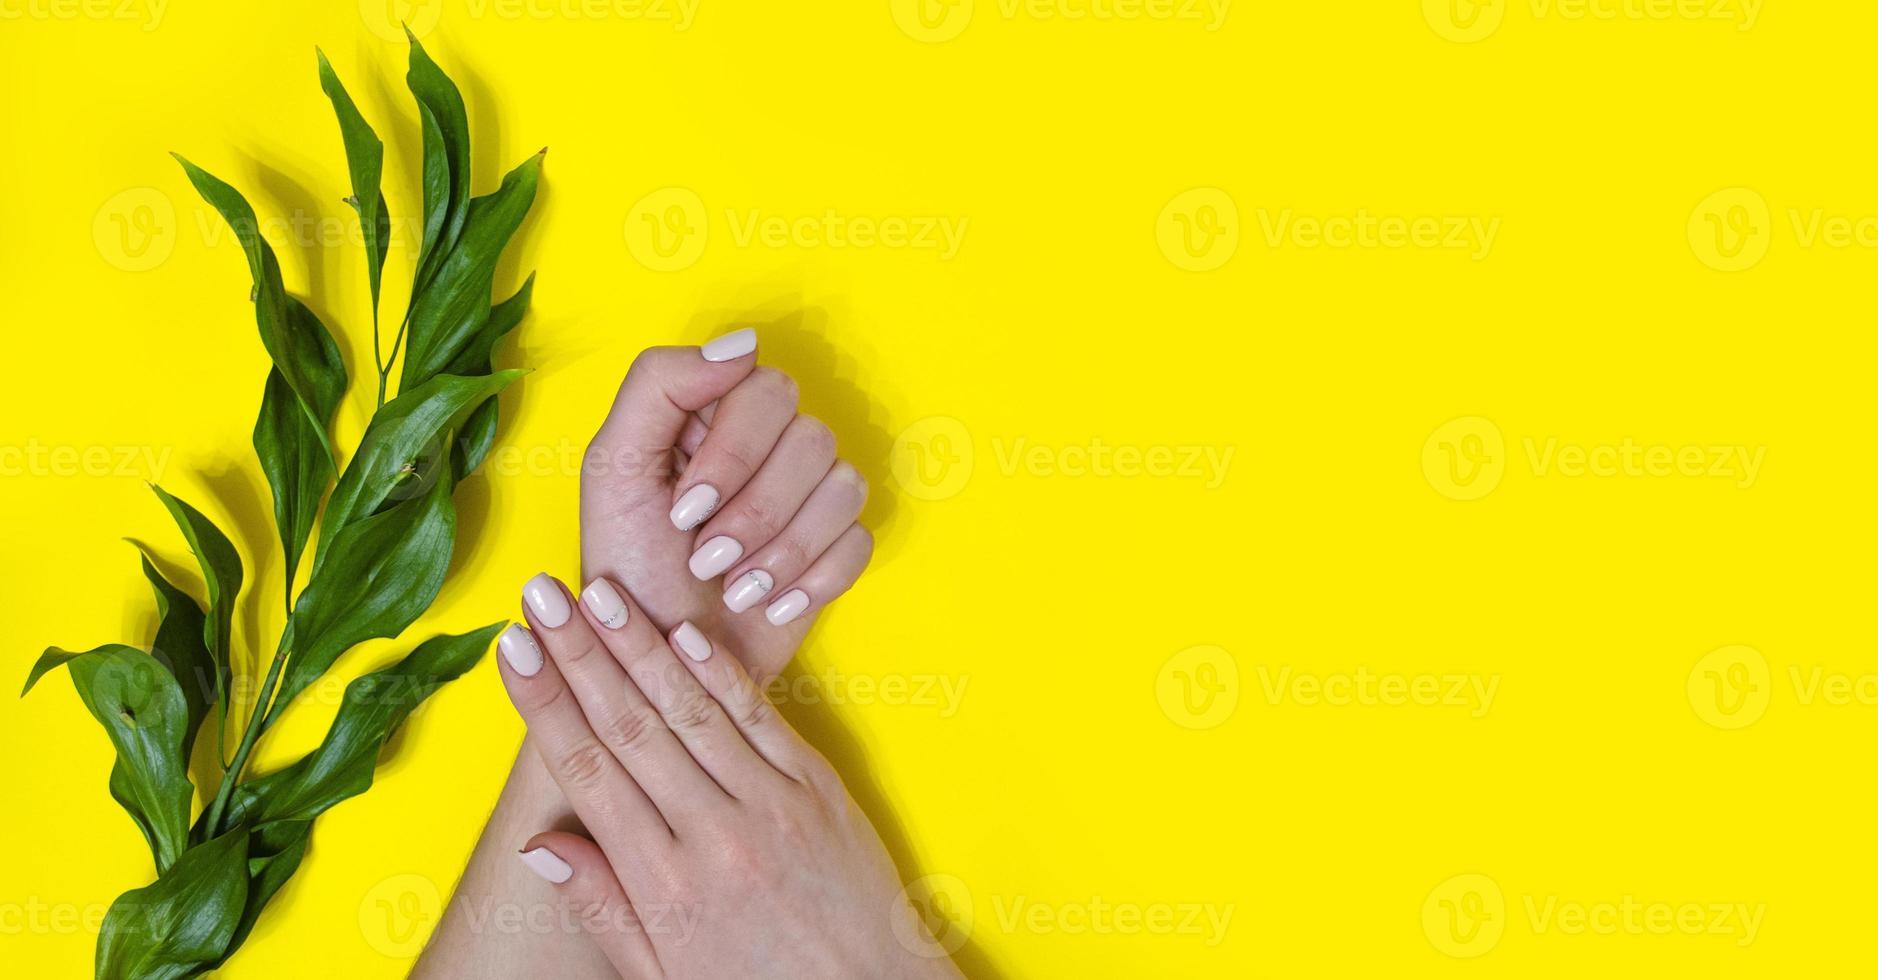 manucure féminine sur fond clair. jaune photo